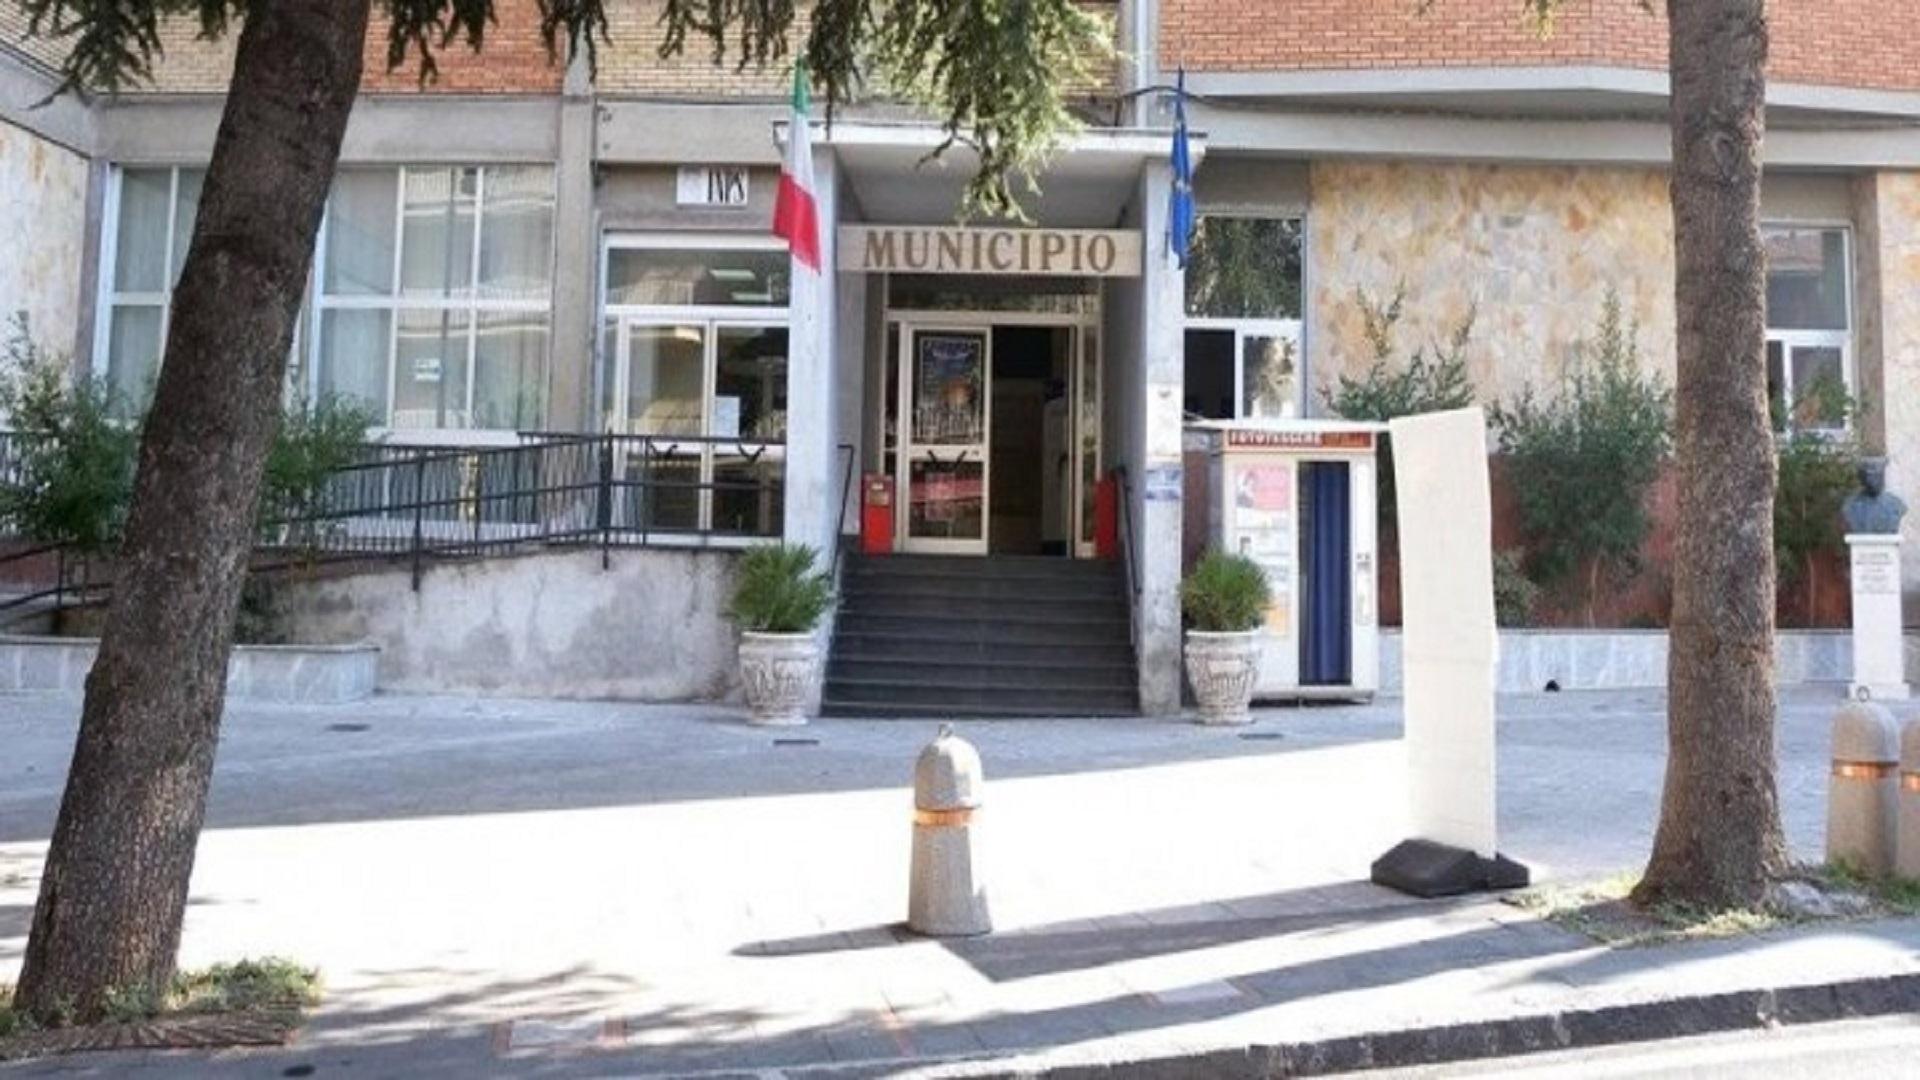 Comune-di-Sala-Consilina-e1429787895706-720x340